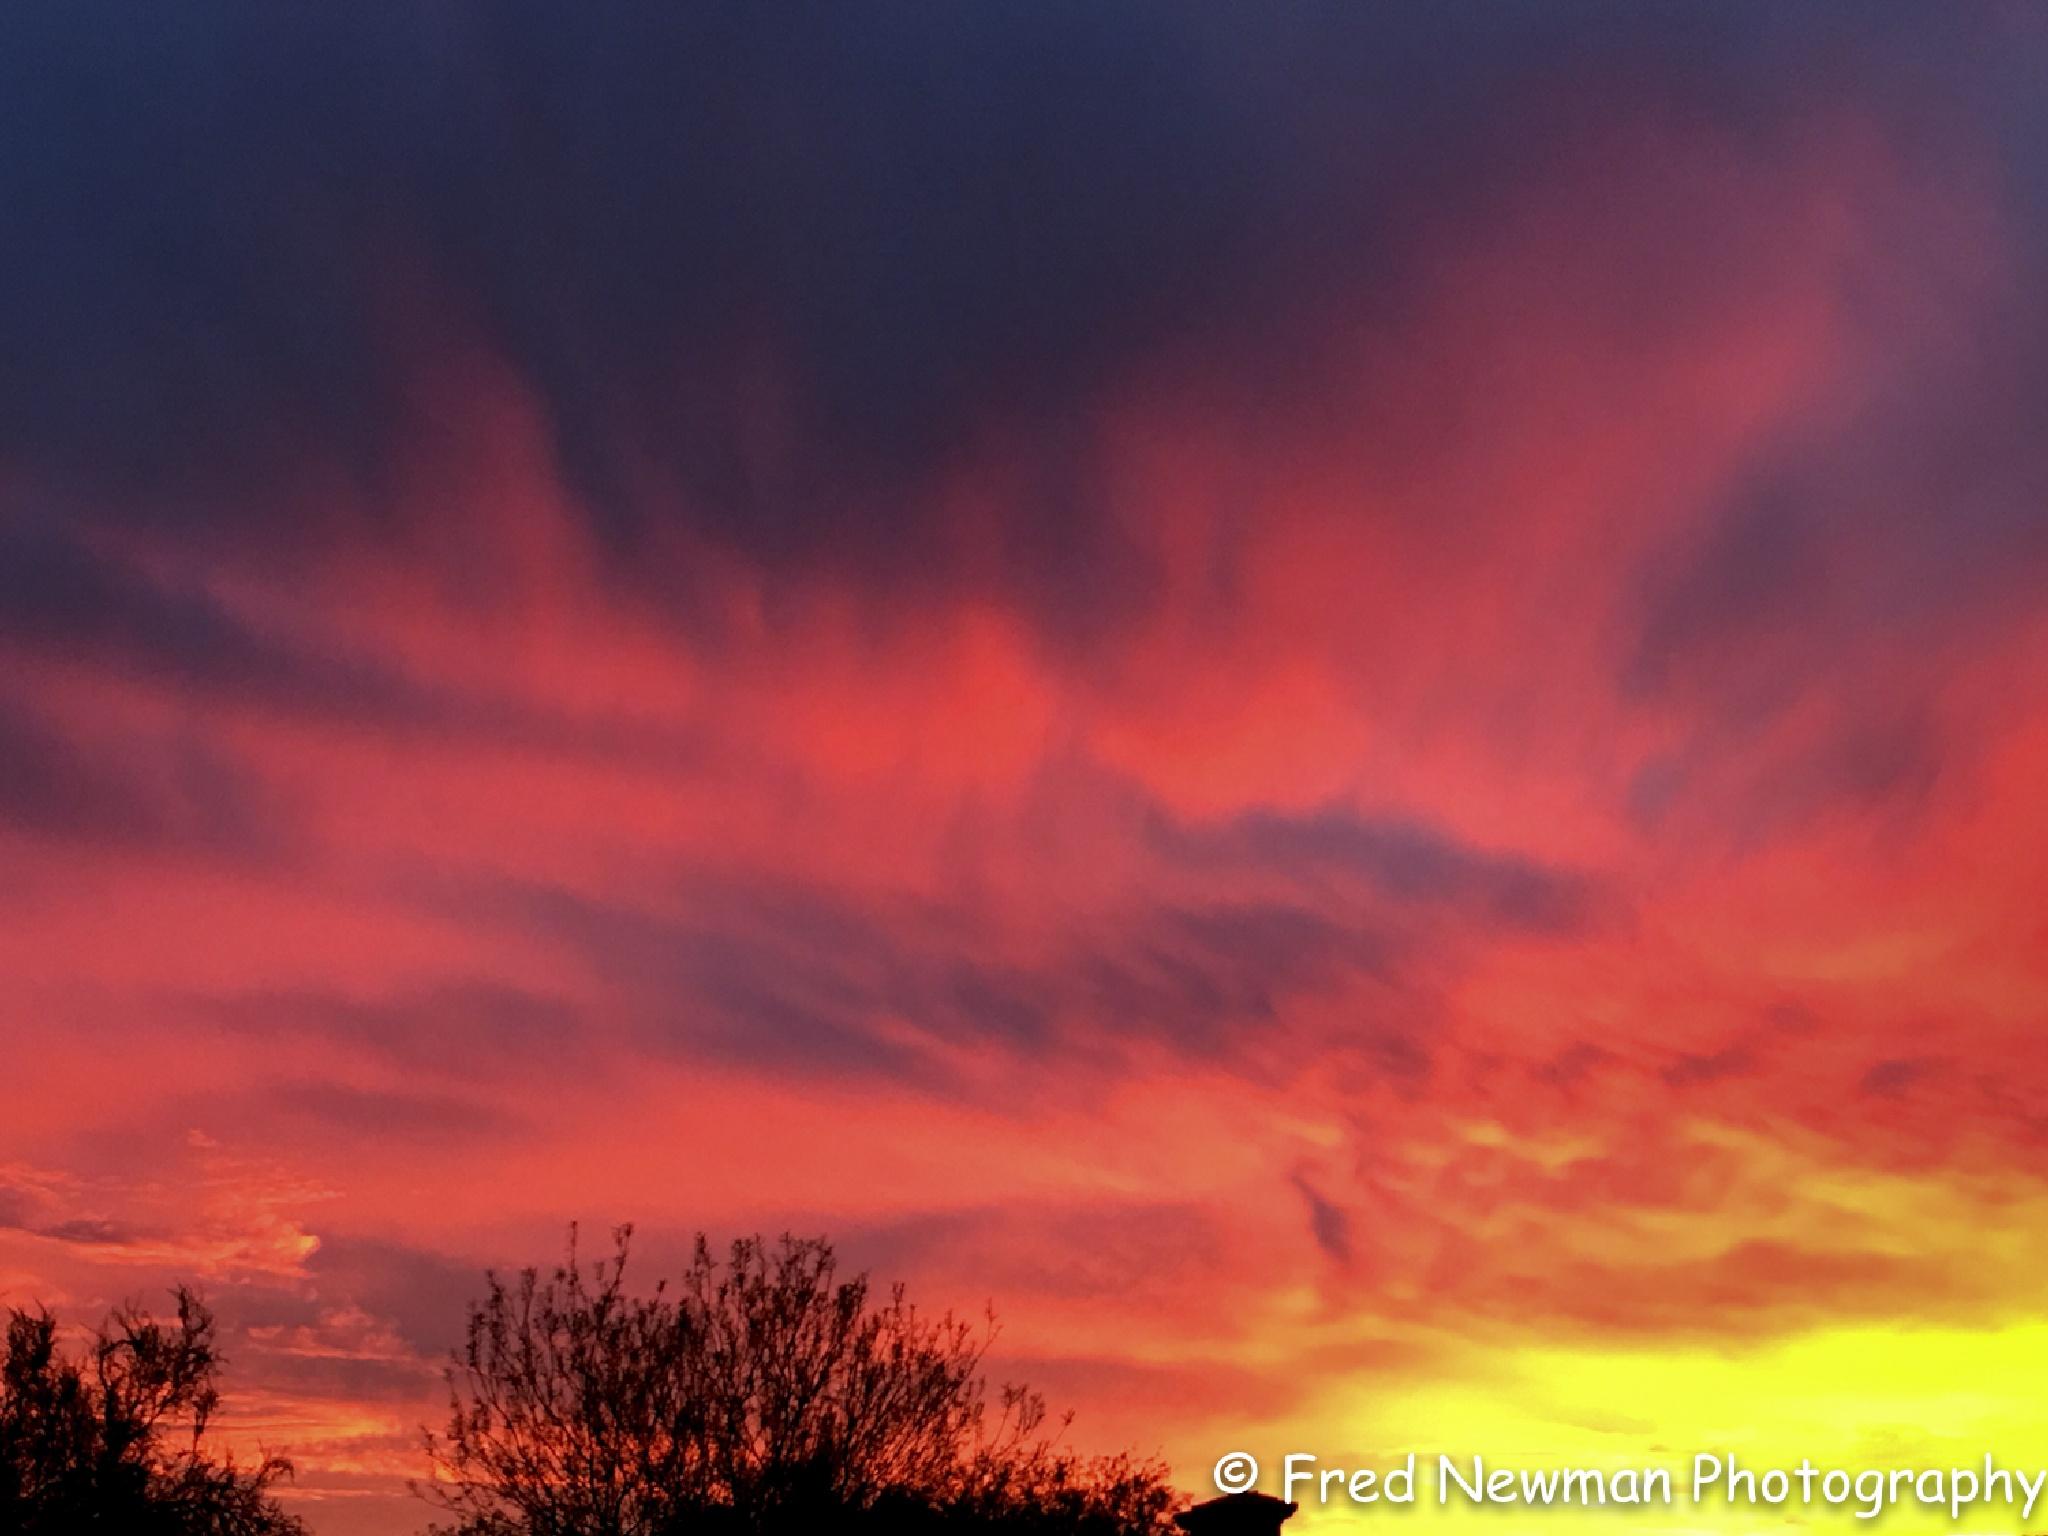 Arizona Sunset by FredNewman